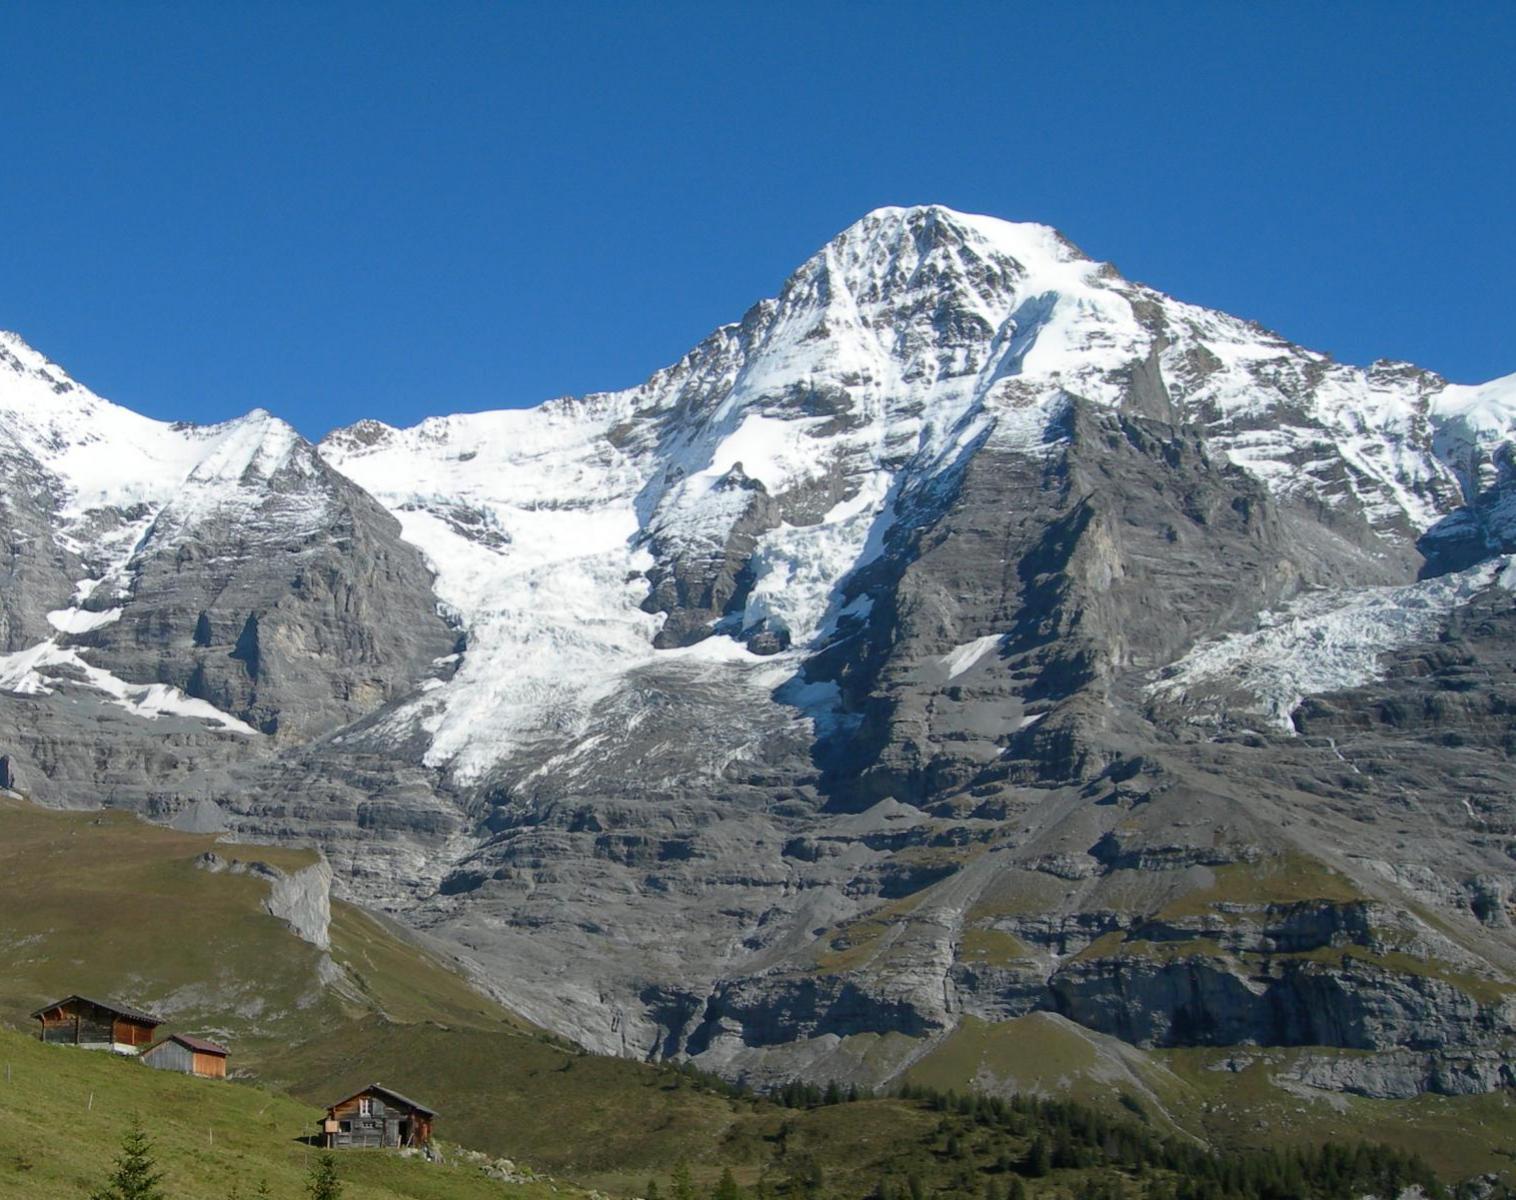 Suisse  REMISE EN FORME À ALETSCH   Trek & Randonnée